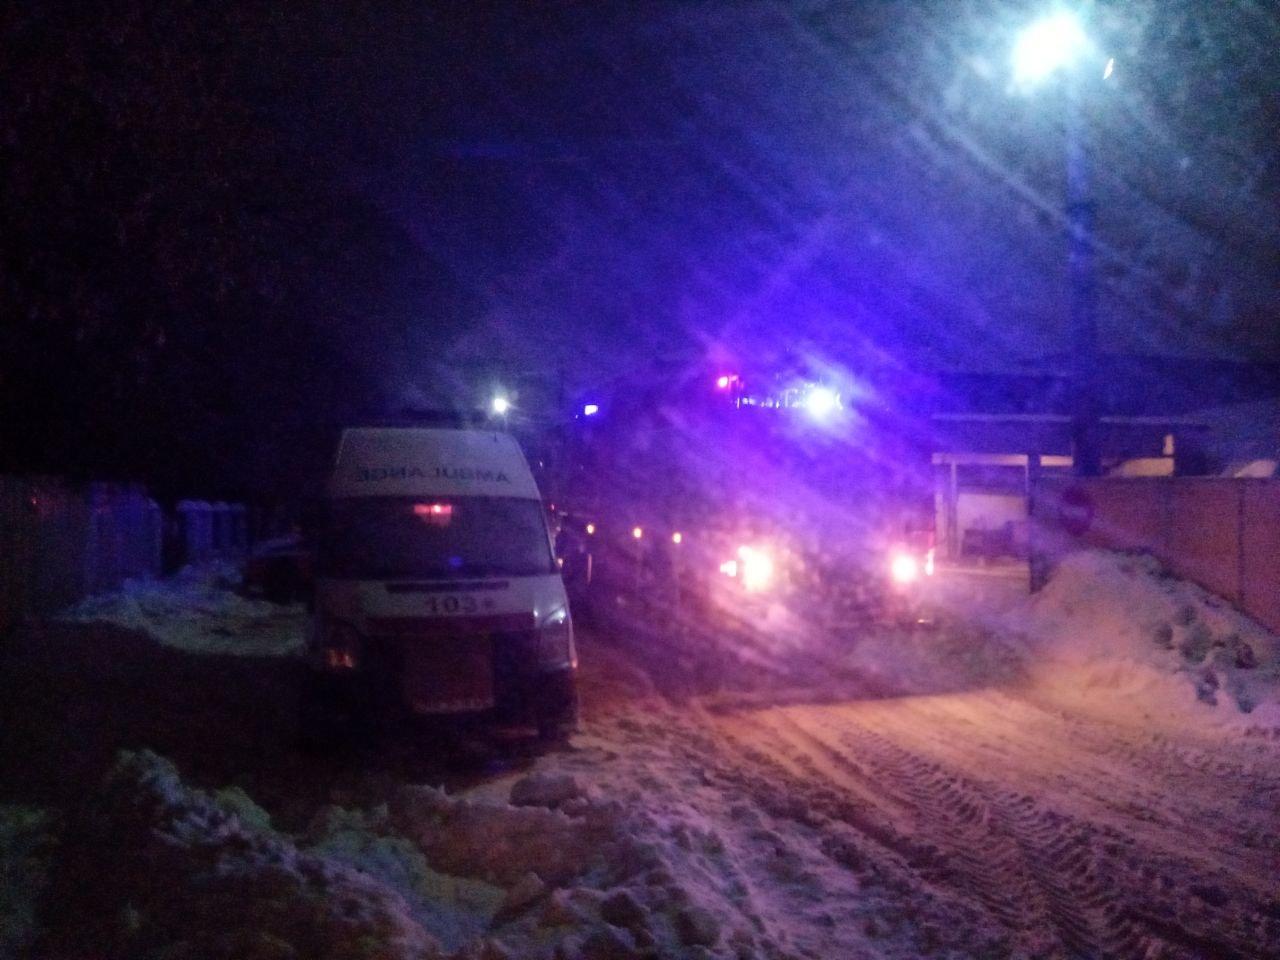 В лісі під Борисполем загубилася людина - рятувальники, пожежа - 153086551 887060762094696 779545676590619208 o